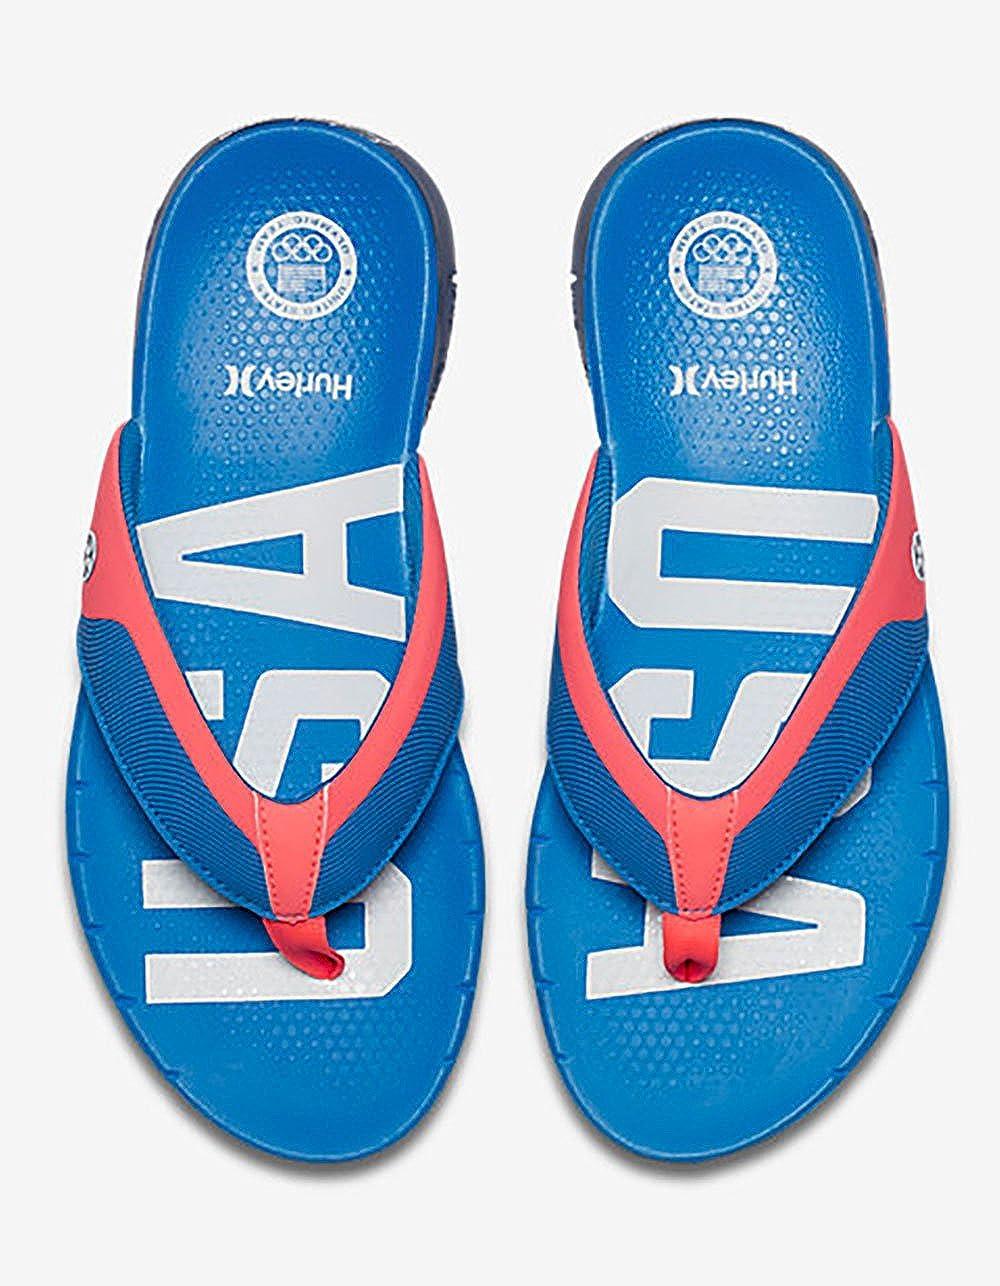 Nike Hurley Phantom Free (USA) Photo Blue N16c3747